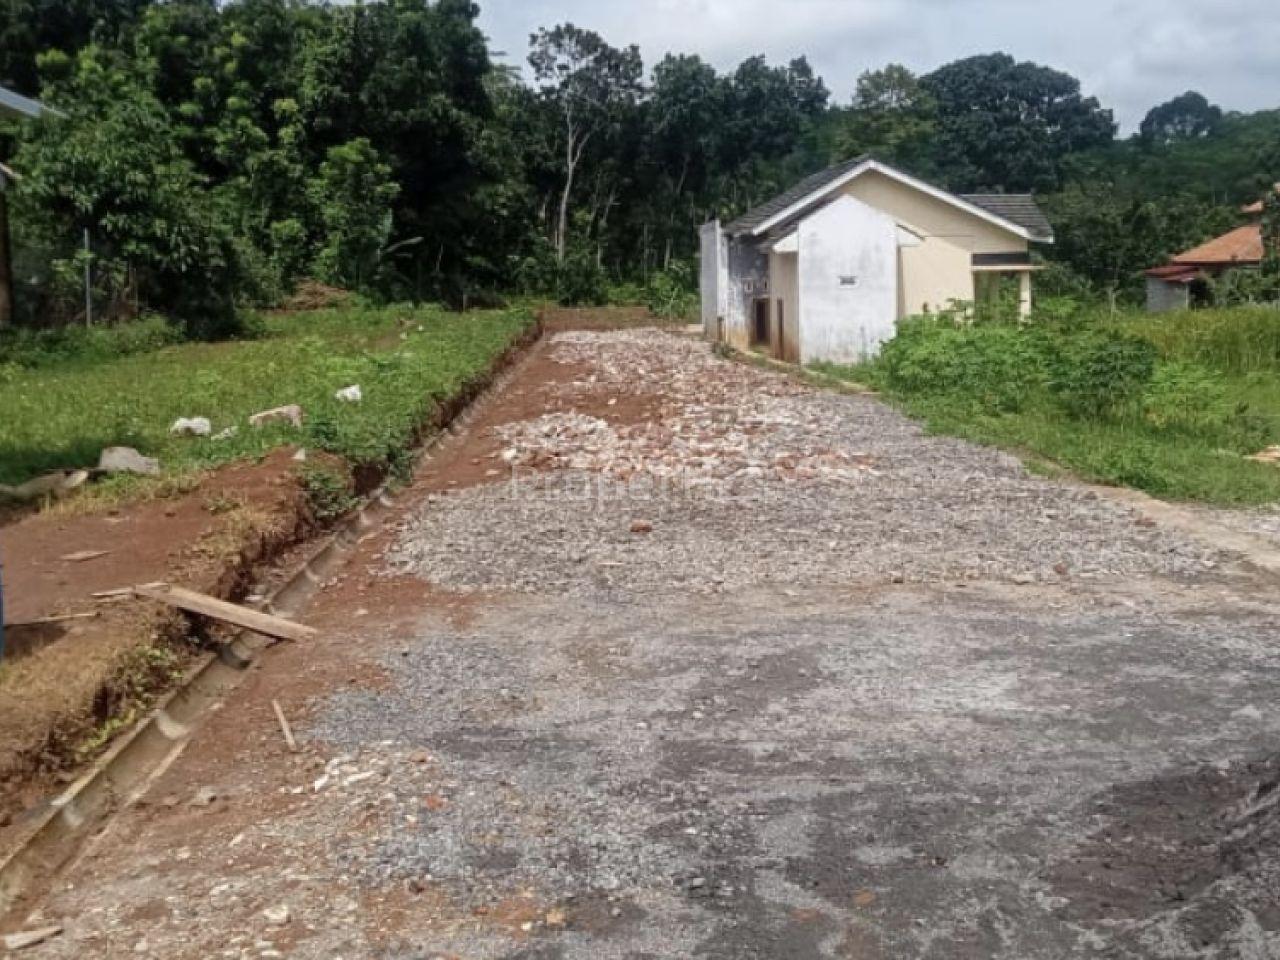 Plot Land in Gebyok, Gunungpati, Semarang, Jawa Tengah